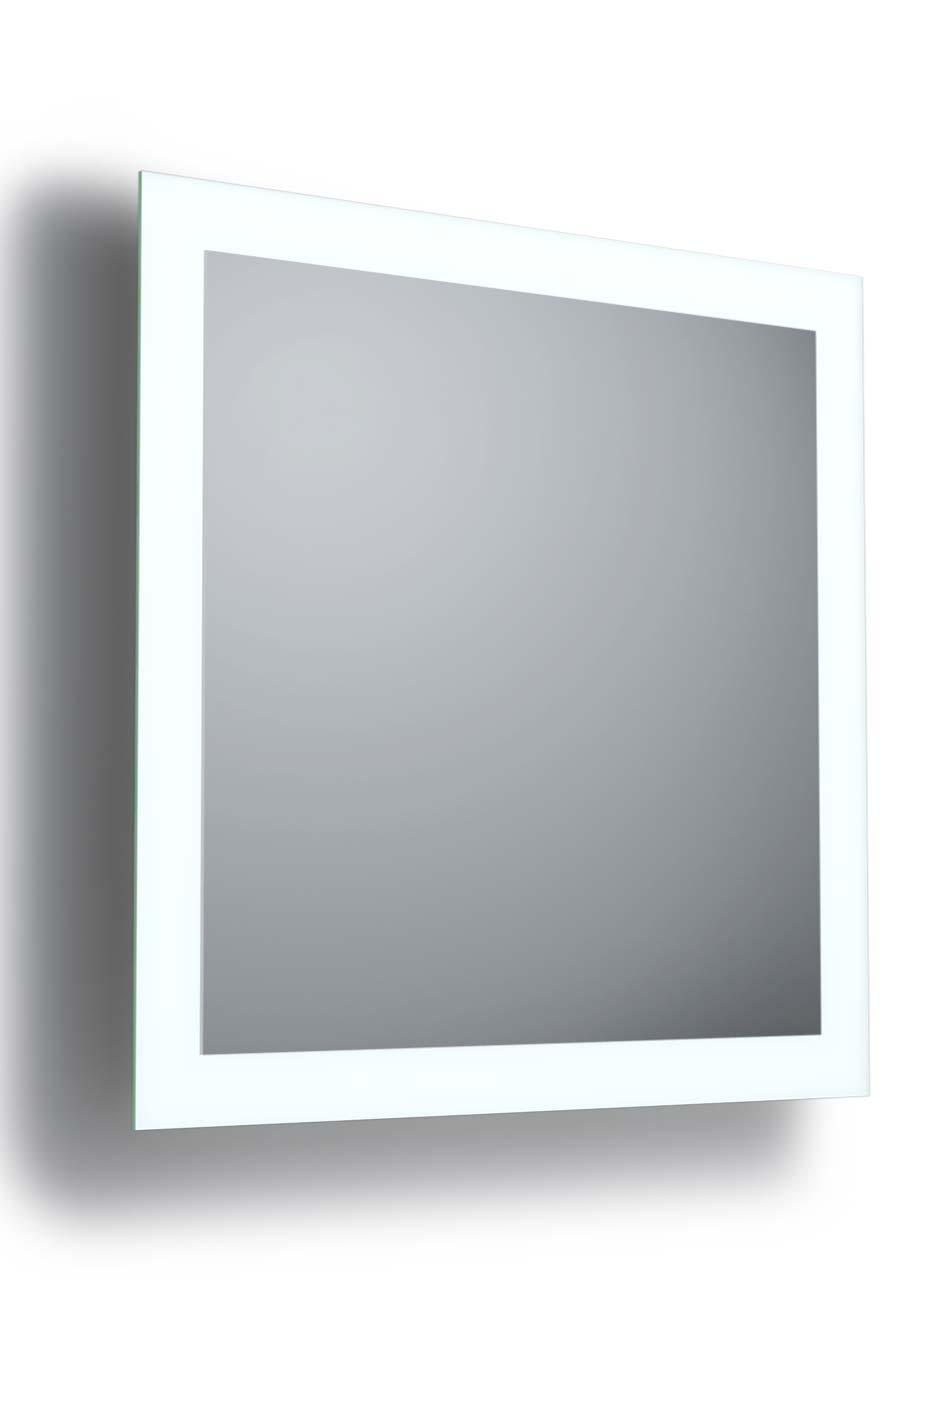 SIDE 4 miroir carré éclairé de 4 côtés 75x75cm. bpe:LICHT.